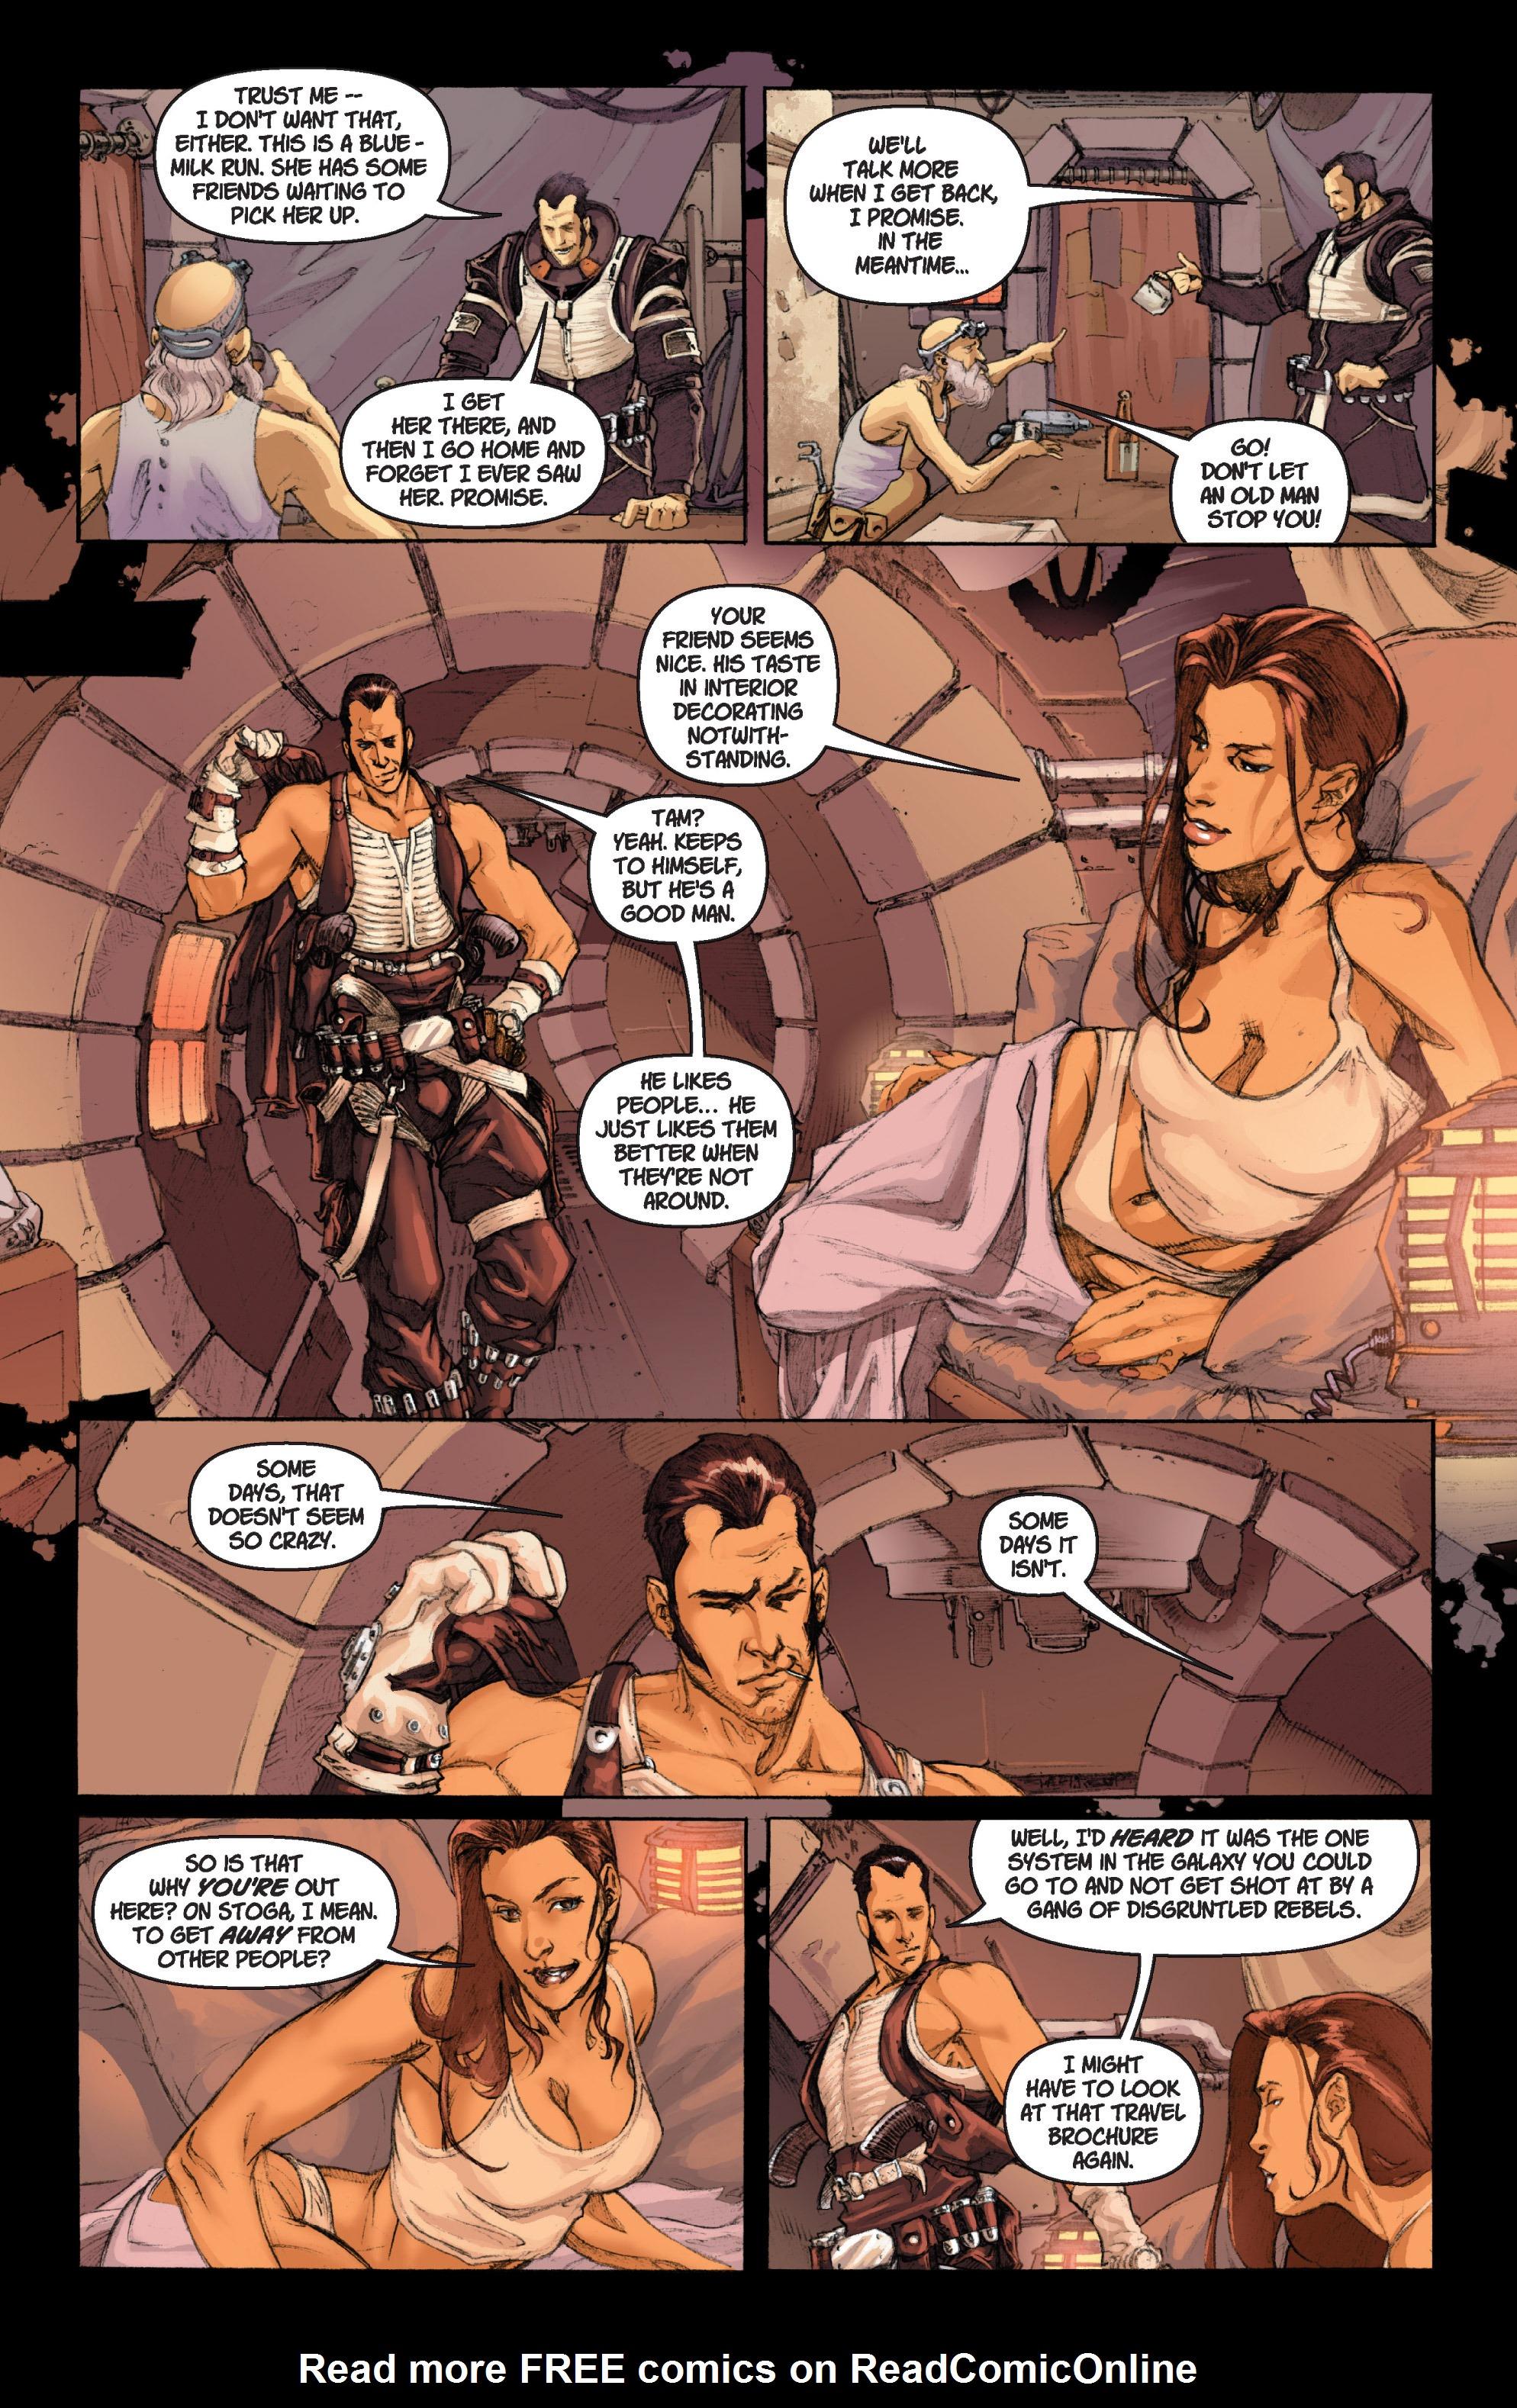 порно комиксы милфокемон 2 № 733748 без смс